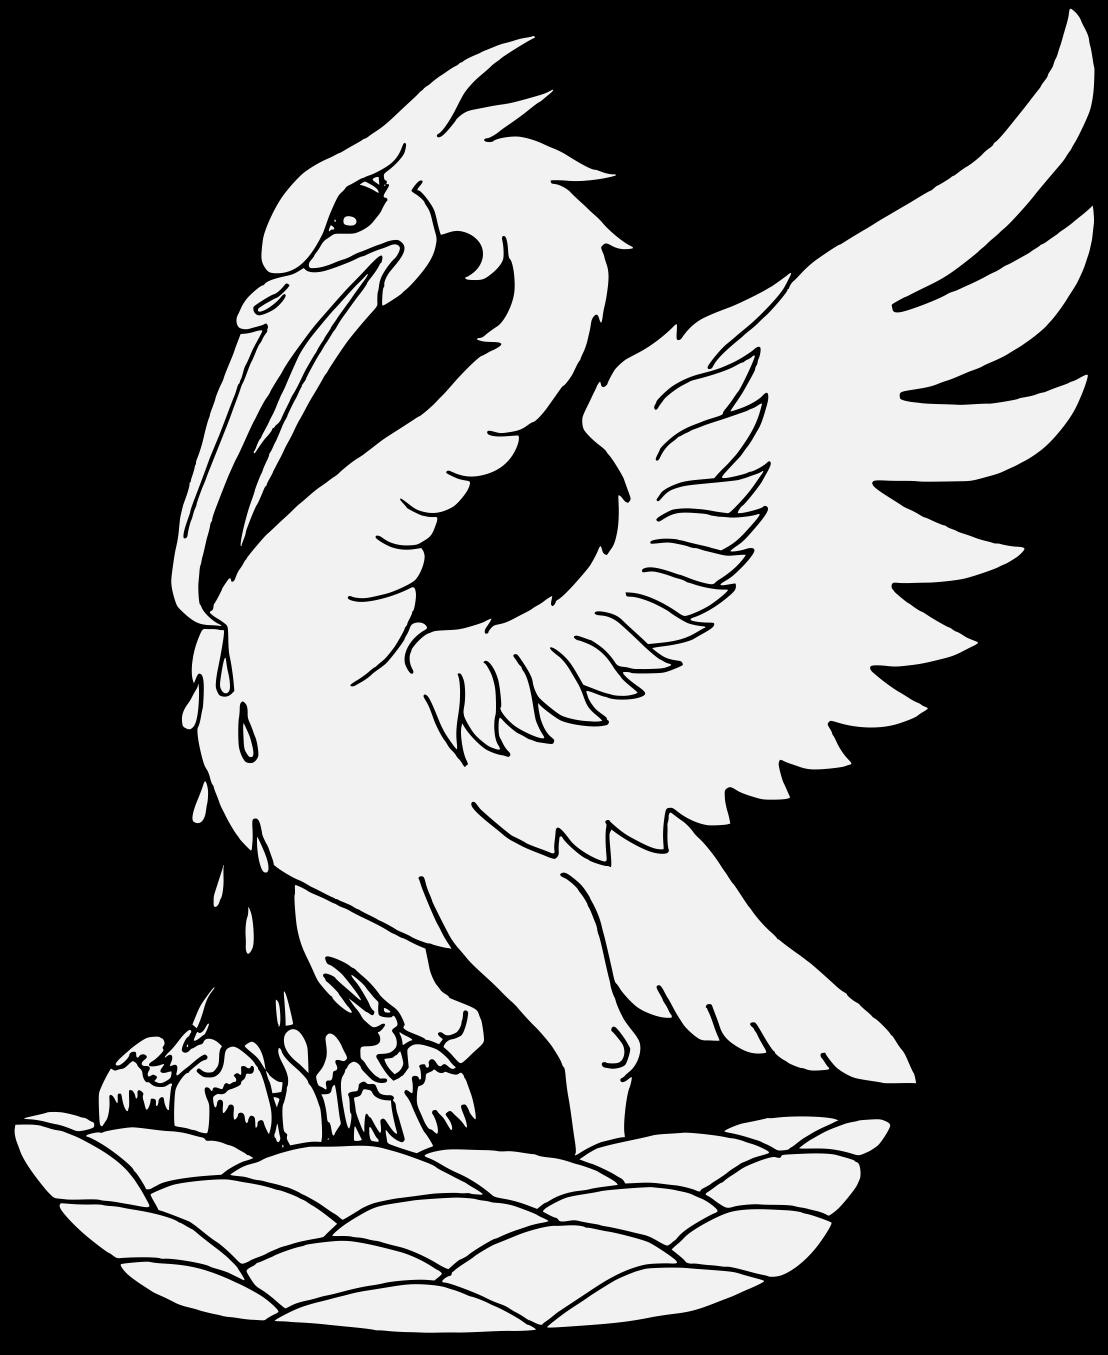 Wing clipart traceable. Pelican heraldic art pdf